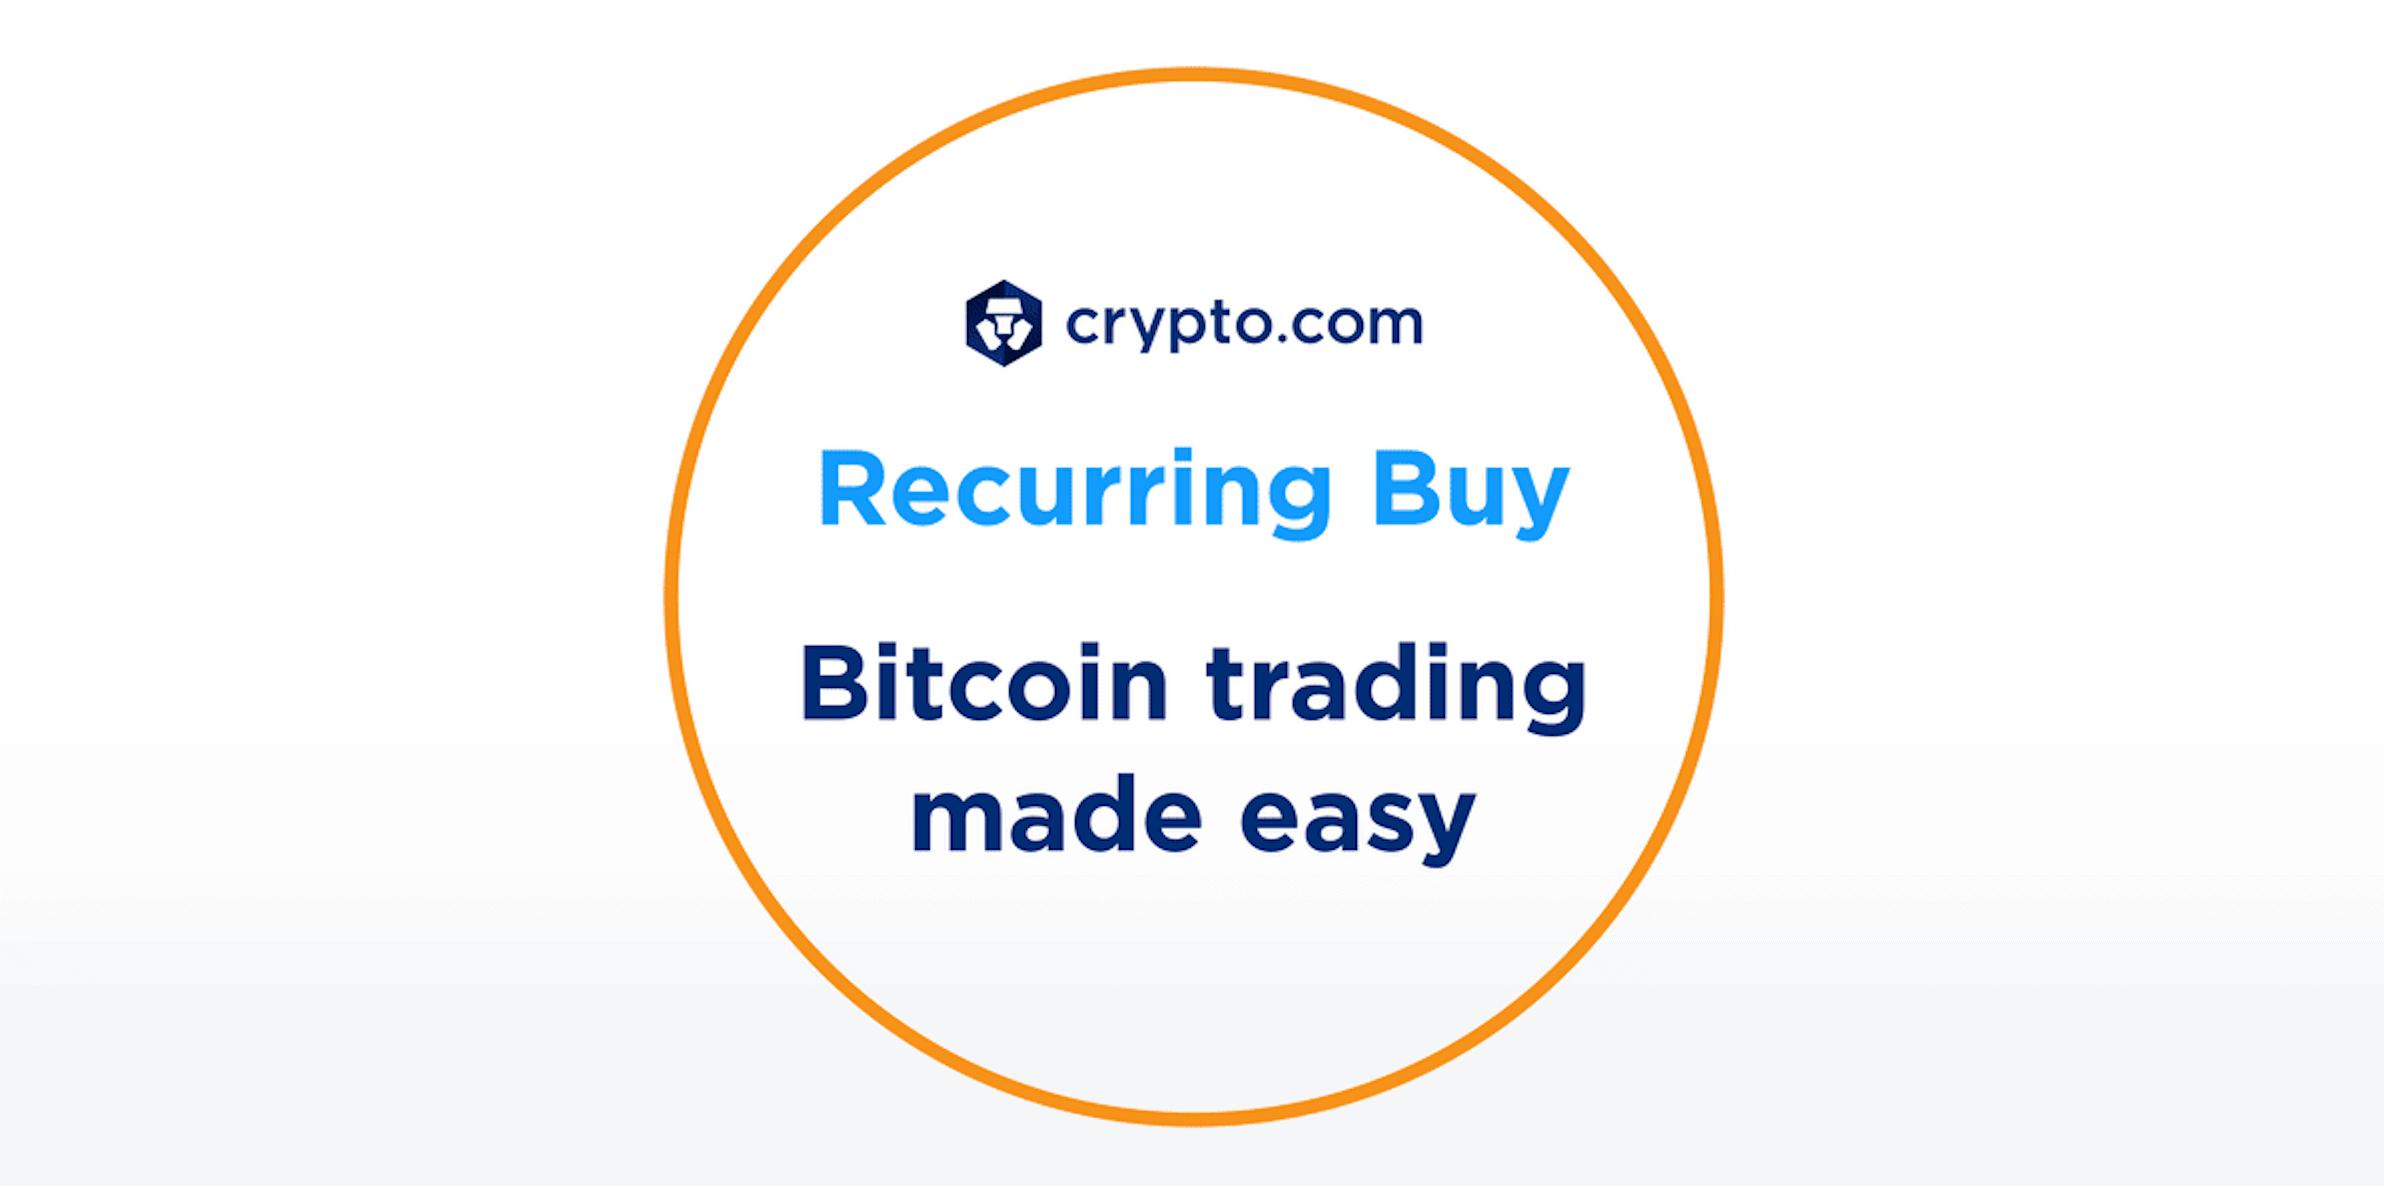 Recurring Buys On Crypto.com. Source: Crypto.com